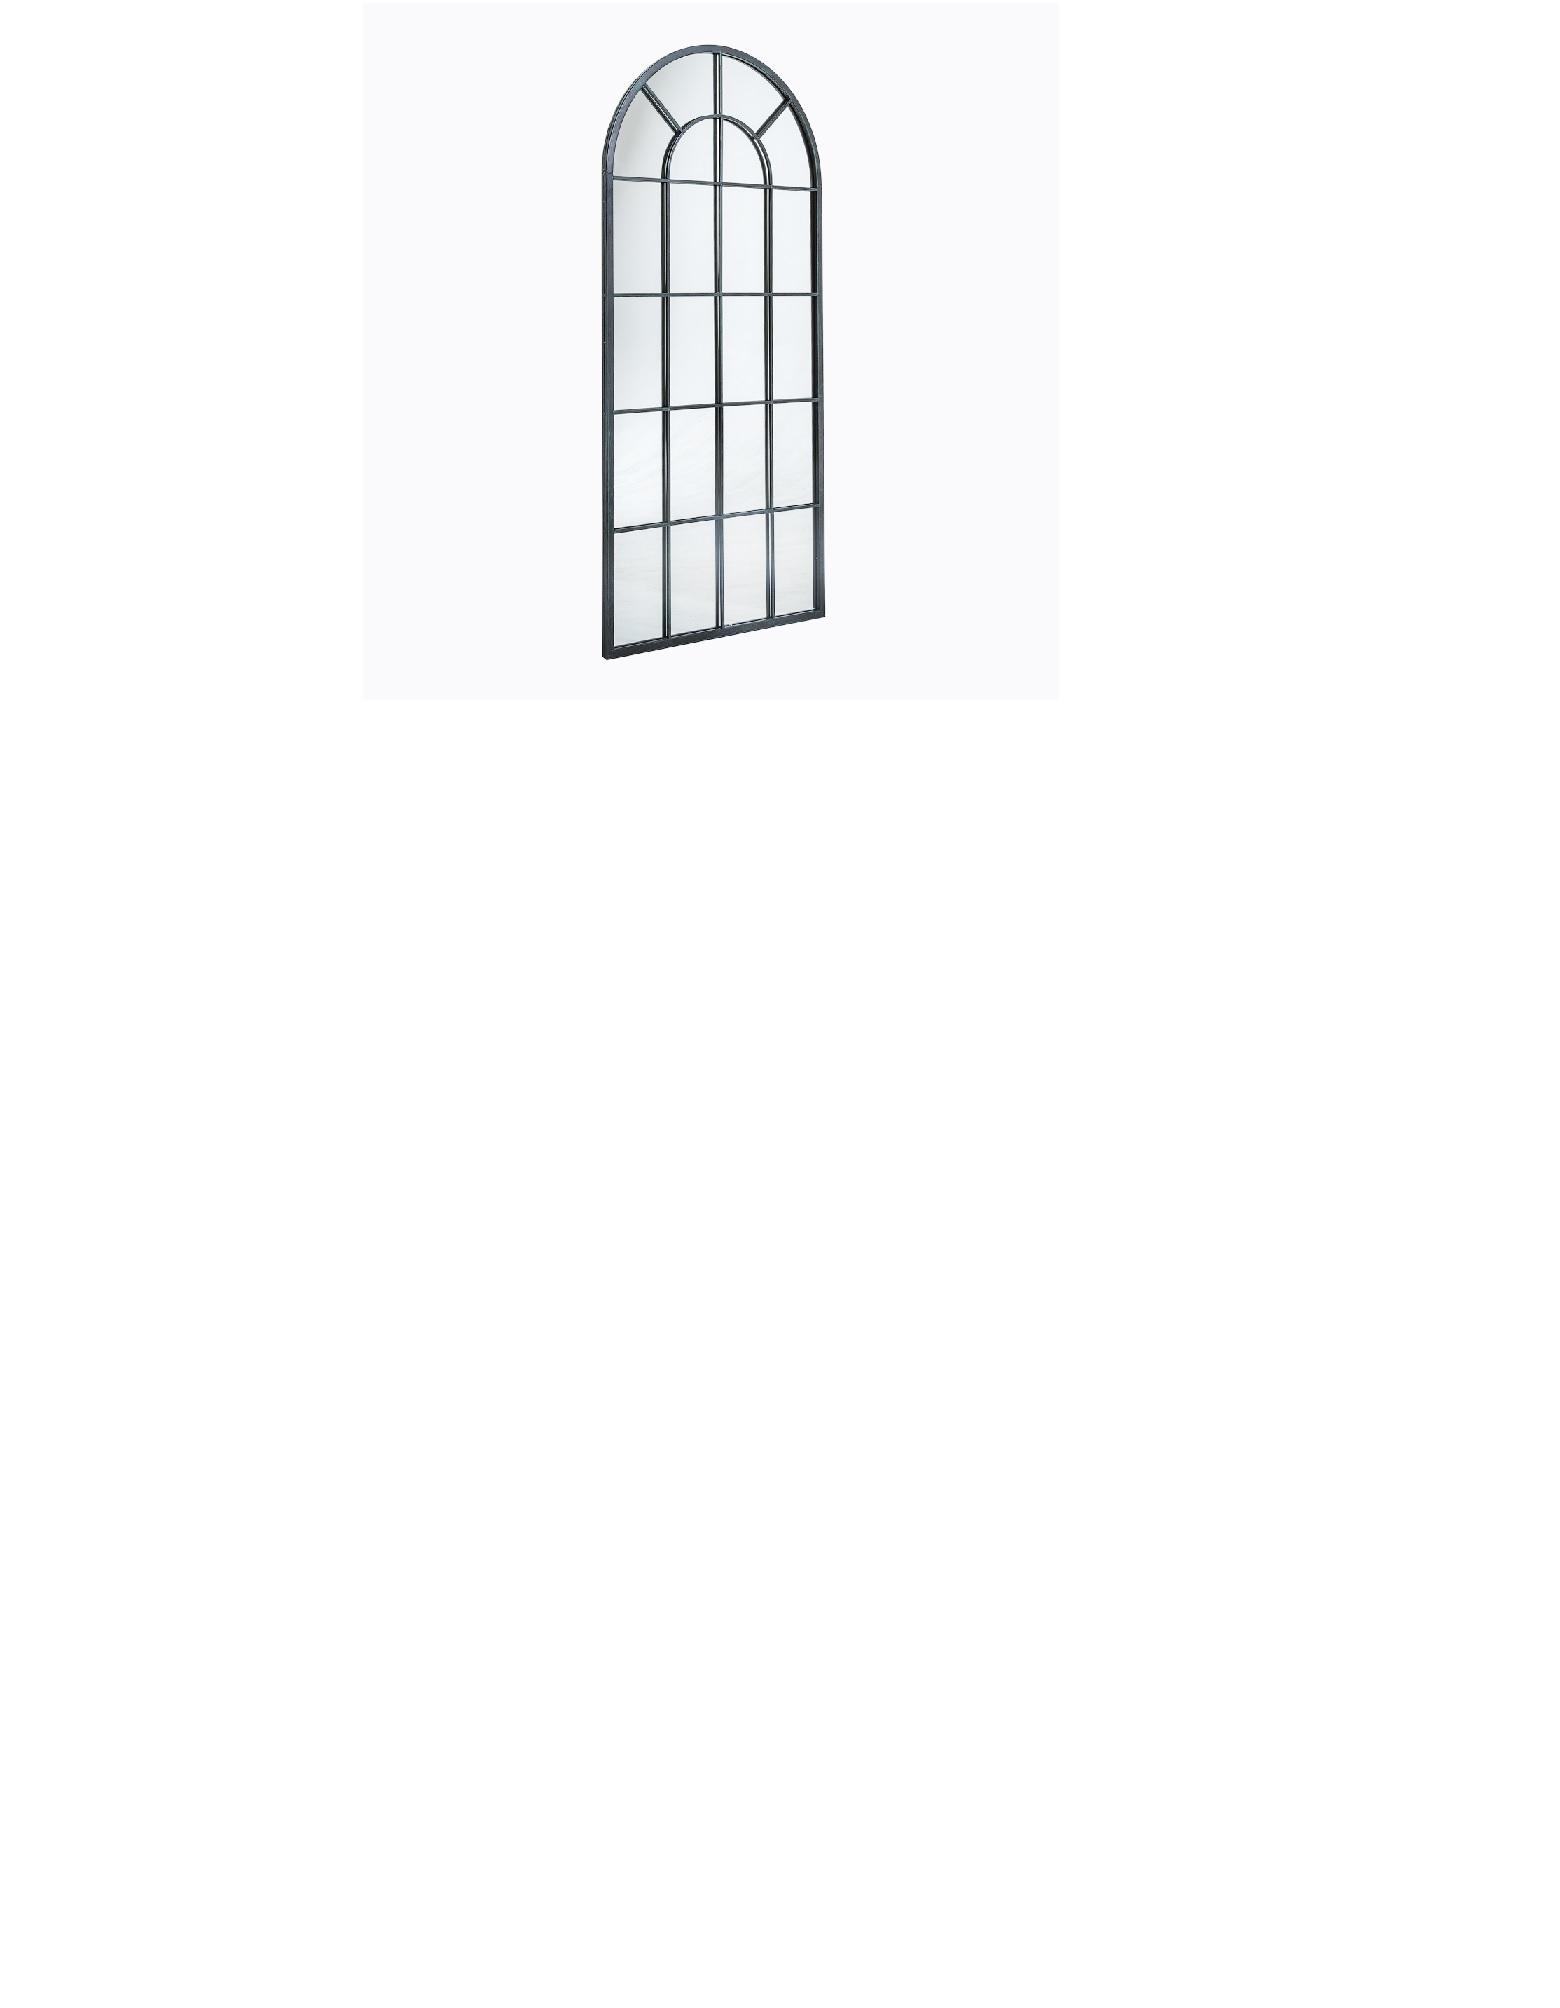 Настенное зеркало «Оранжери» (черный антик)Настенные зеркала<br>В солнечный день зеркало «Оранжери»  античного черного цвета отражает от своей поверхности яркие лучи солнца, разливающиеся по всему помещению. Оно создает ощущение, будто комната полна окон, ведущих в сказку. Это зеркало - идеальный вариант, чтобы повесить его в простенке между окнами, увеличив  пространство дома. Зеркало «Оранжери»  прекрасно впишется и в загородный ландшафт! Для Вашего удобства предусмотрено крепление, позволяющее легко разместить зеркало в любых интерьерах.&amp;amp;nbsp;&amp;lt;div&amp;gt;Размер: 140?65?4 см.&amp;lt;/div&amp;gt;&amp;lt;div&amp;gt;Вес: 11 кг&amp;amp;nbsp;&amp;lt;/div&amp;gt;&amp;lt;div&amp;gt;Материал: зеркало, металл&amp;lt;/div&amp;gt;<br><br>Material: Металл<br>Width см: 65<br>Depth см: 4<br>Height см: 140